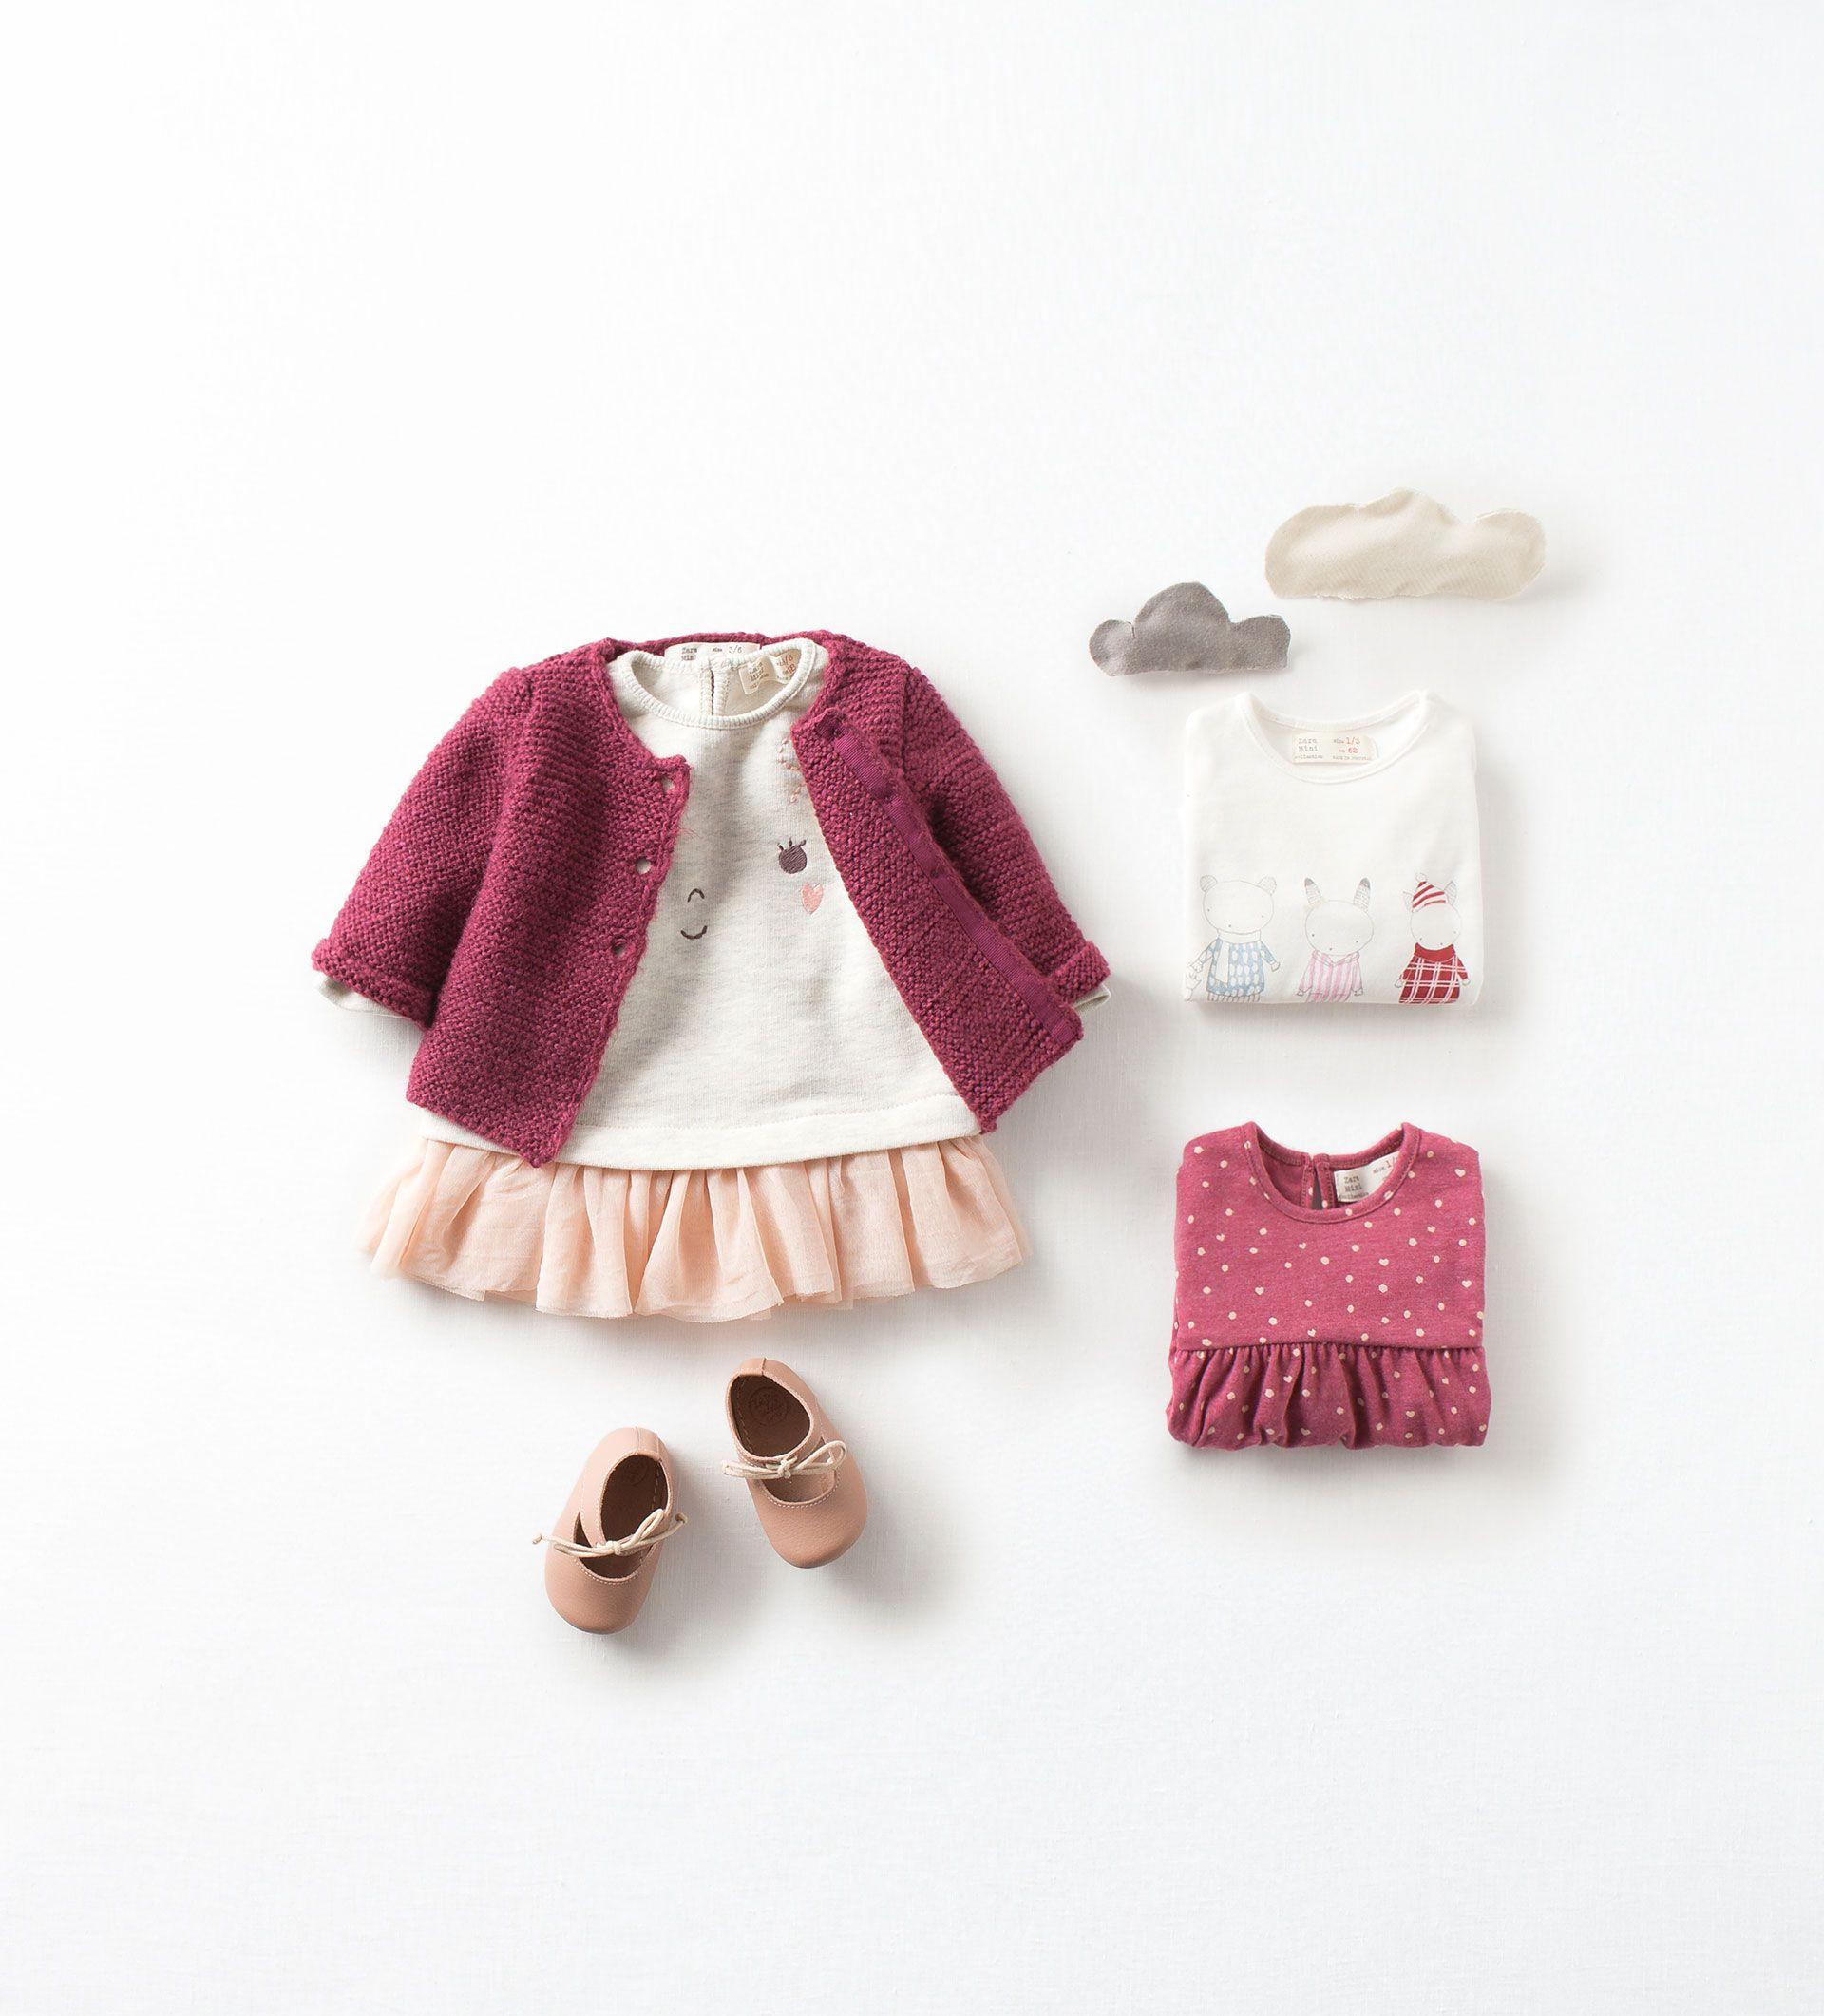 image 1 of from zara kids fashion pinterest kinder kleidung babysachen und kleidung. Black Bedroom Furniture Sets. Home Design Ideas